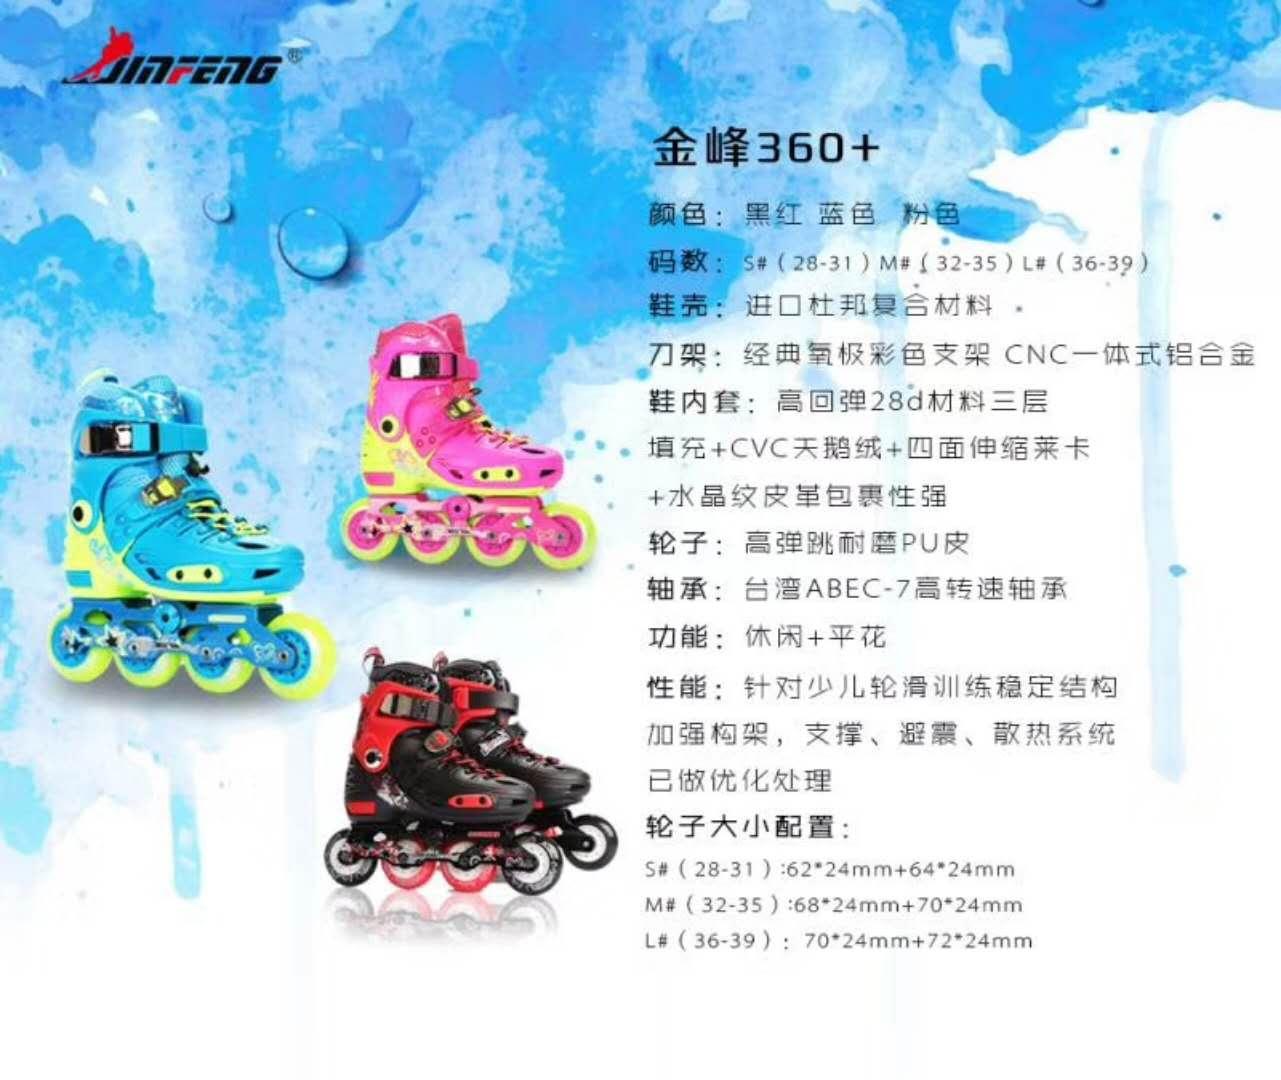 正品2017金峰S360+儿童专业花式轮滑鞋新款平花溜冰鞋旱冰鞋可调